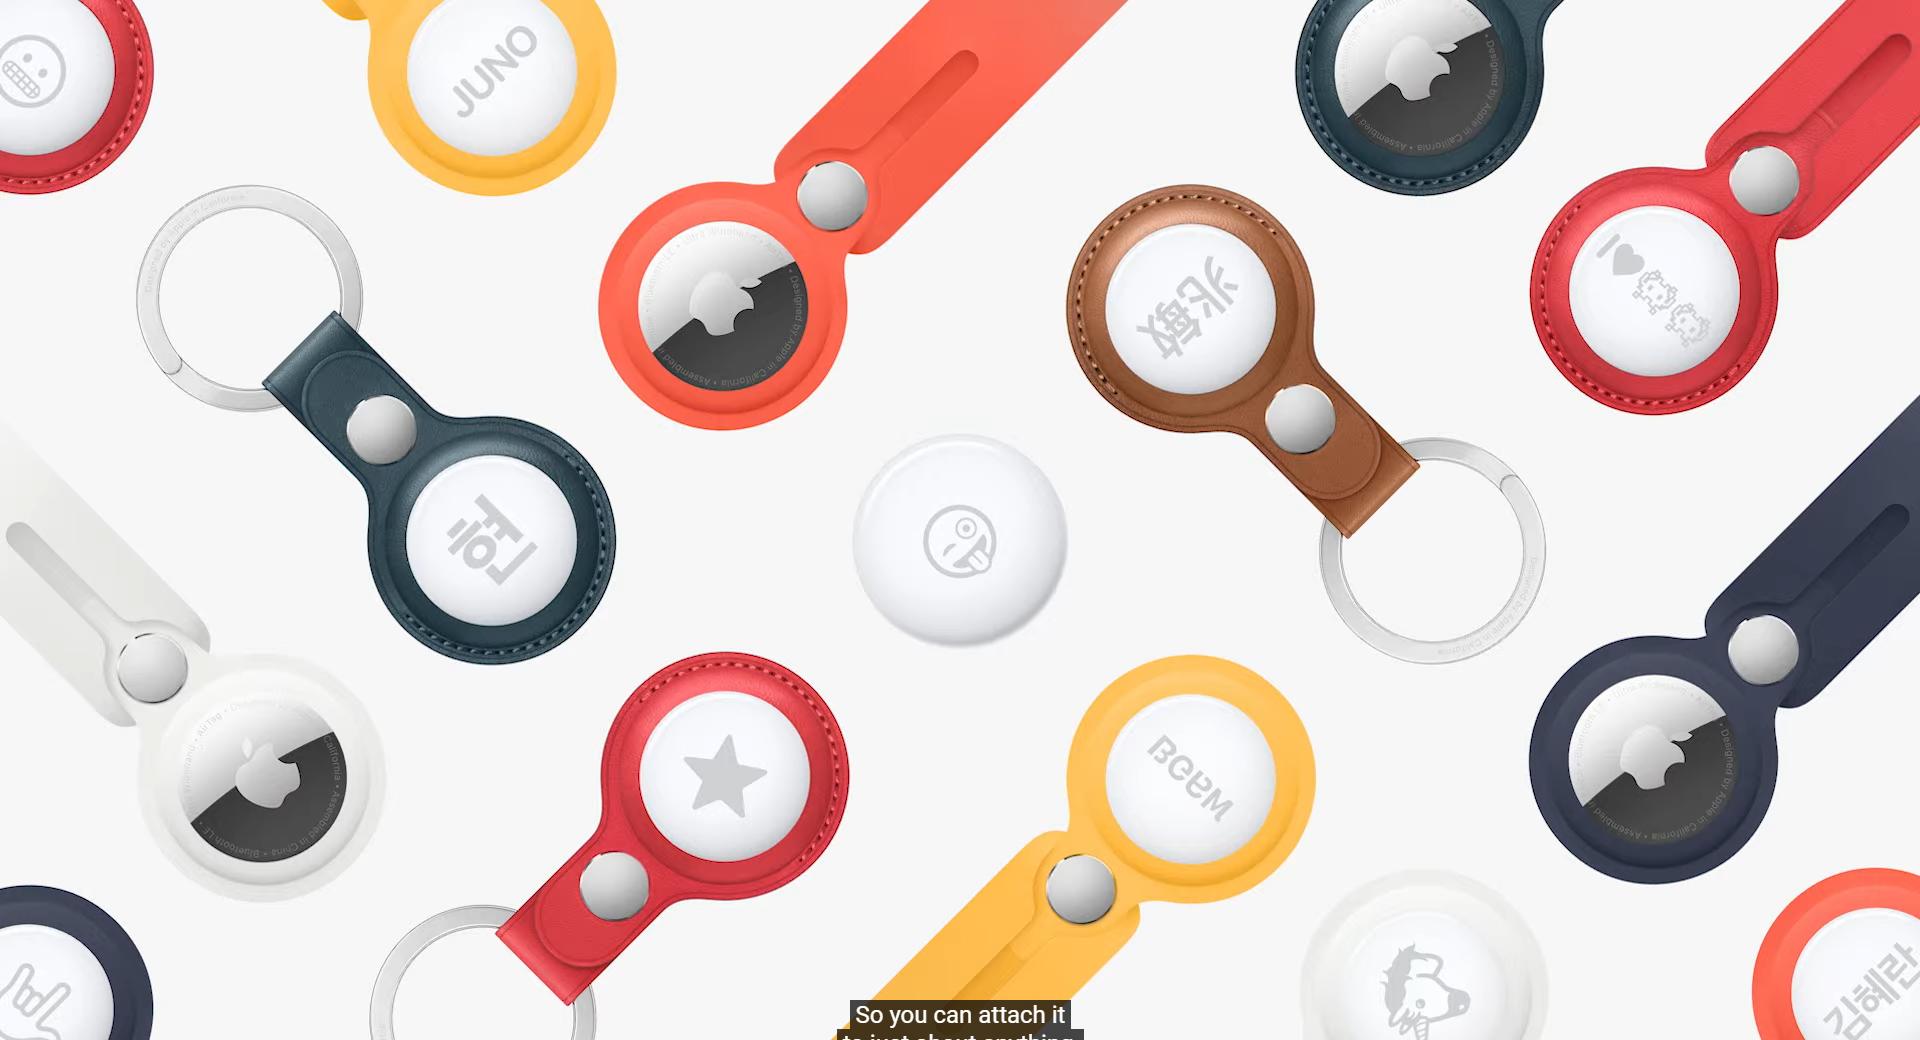 アップル、忘れ物防止タグ「AirTag」発表 - ケータイ Watch